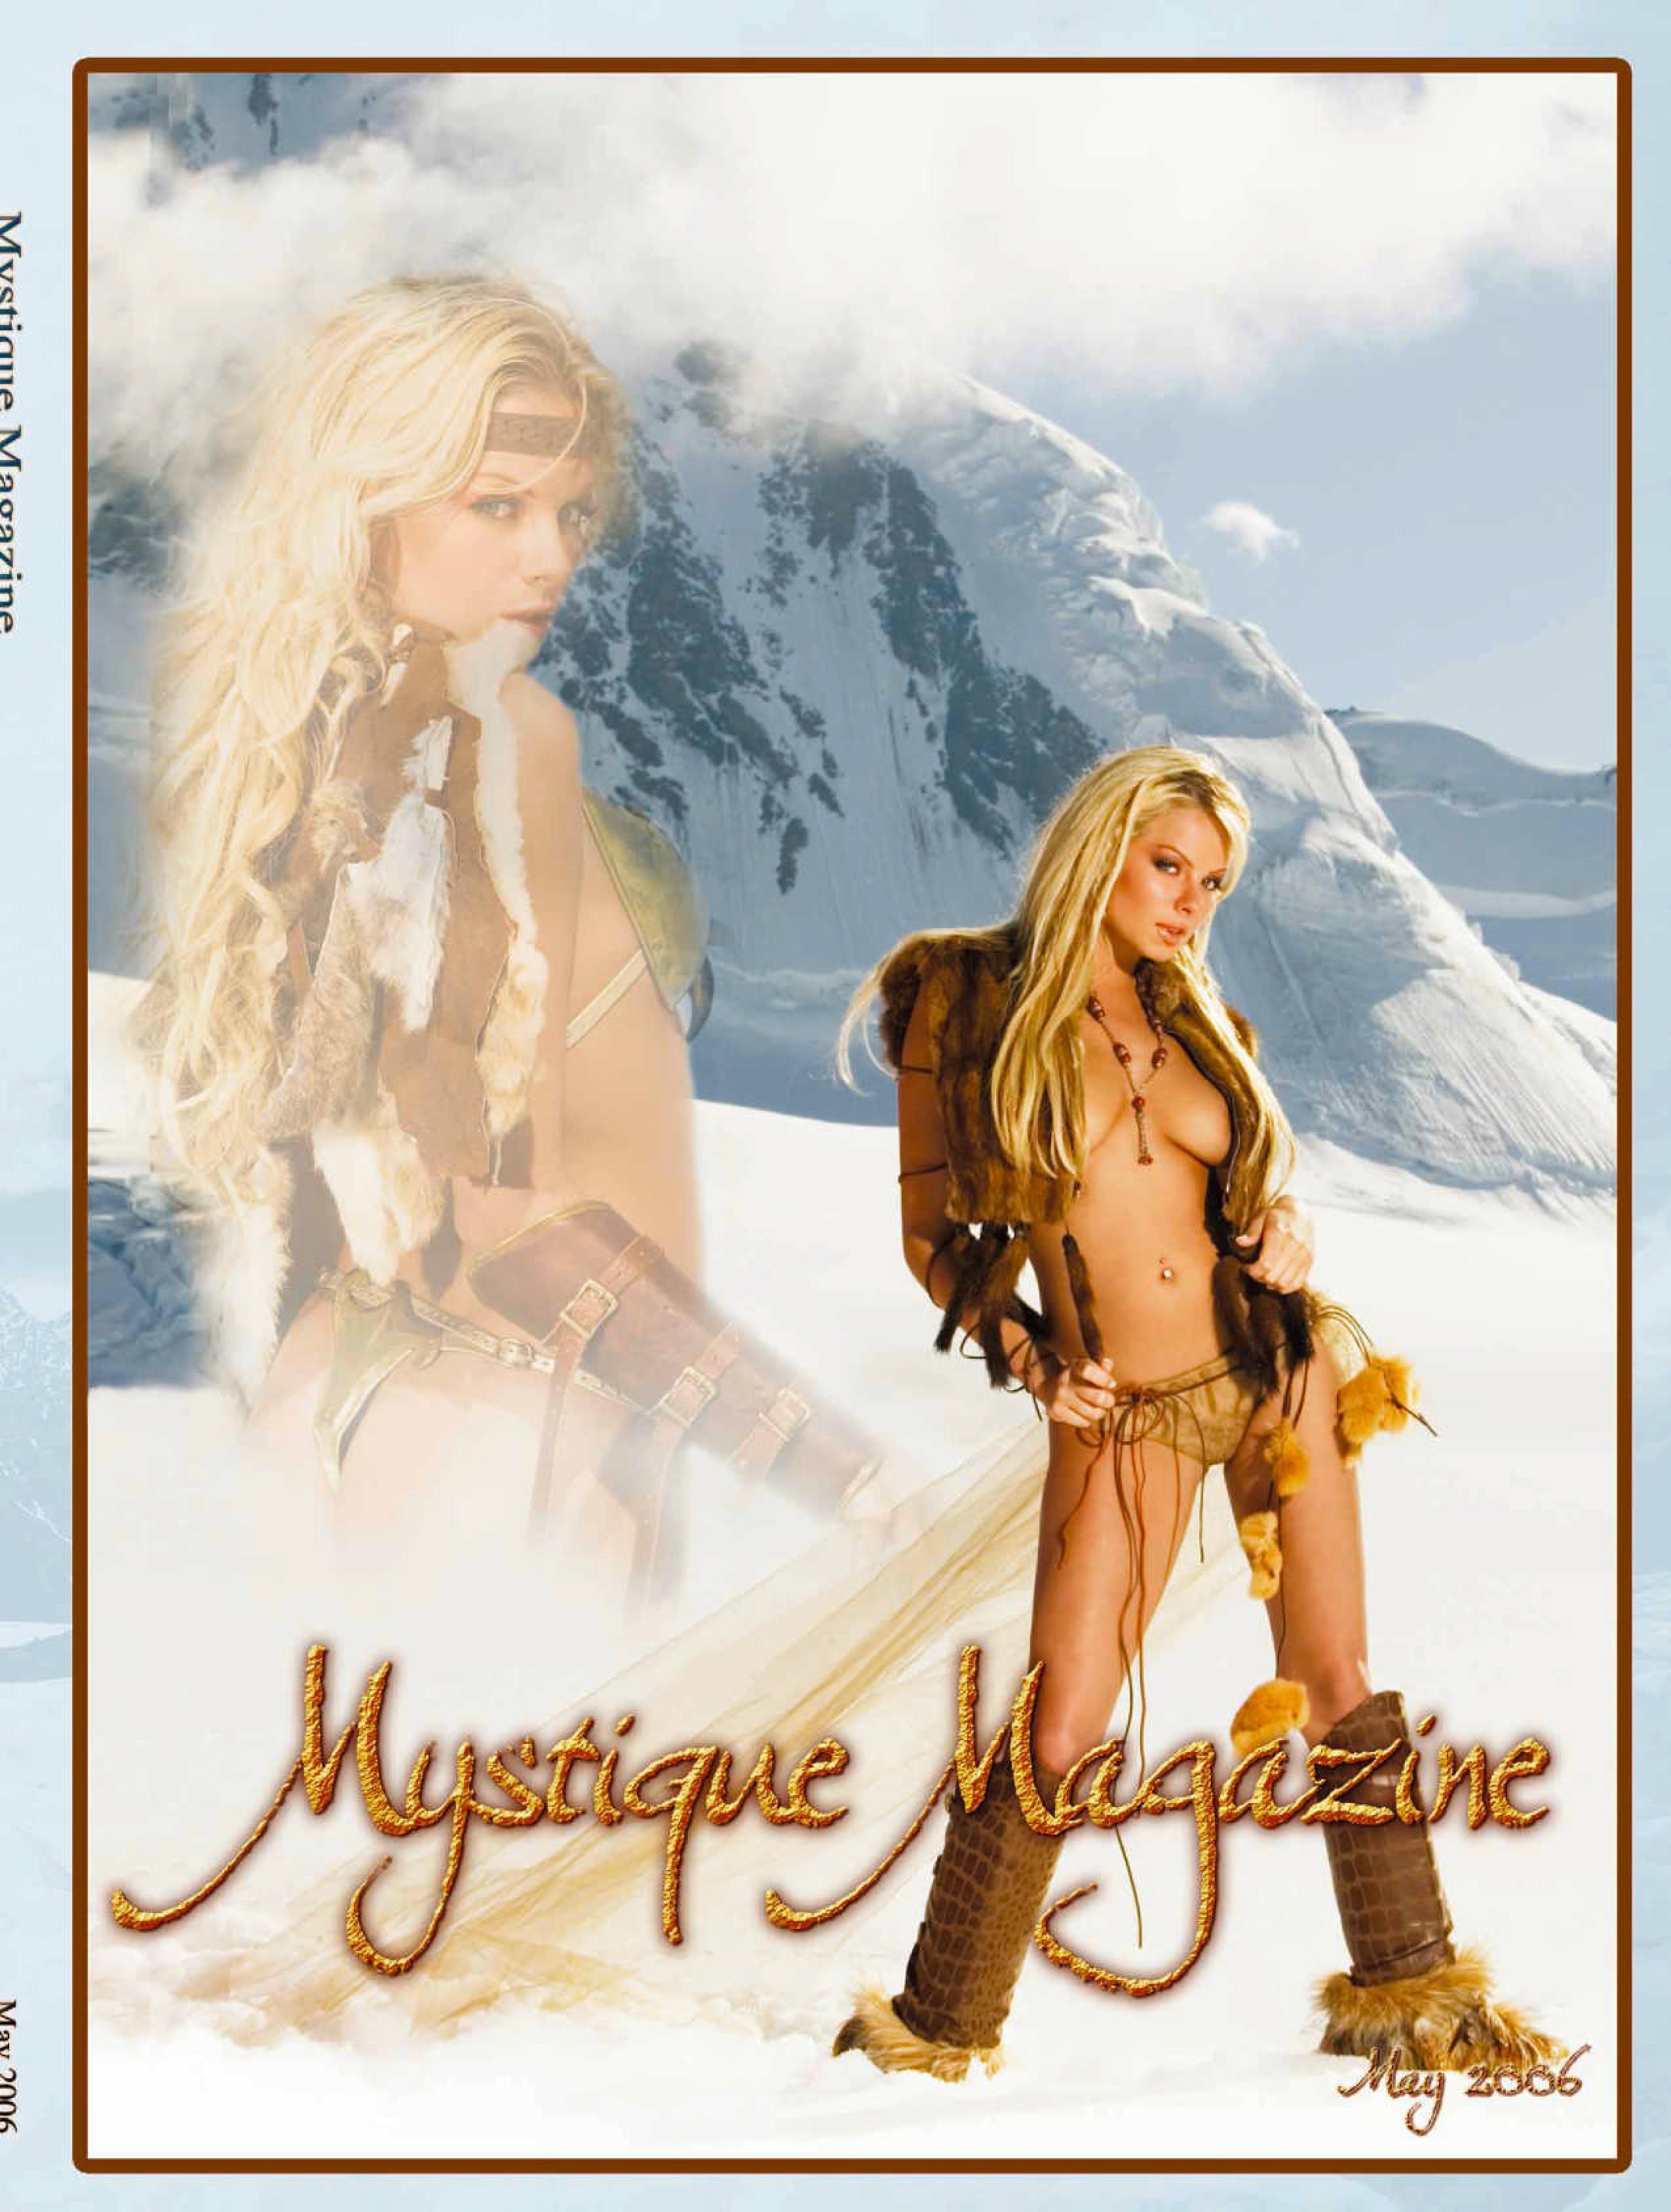 Mystique Magazine